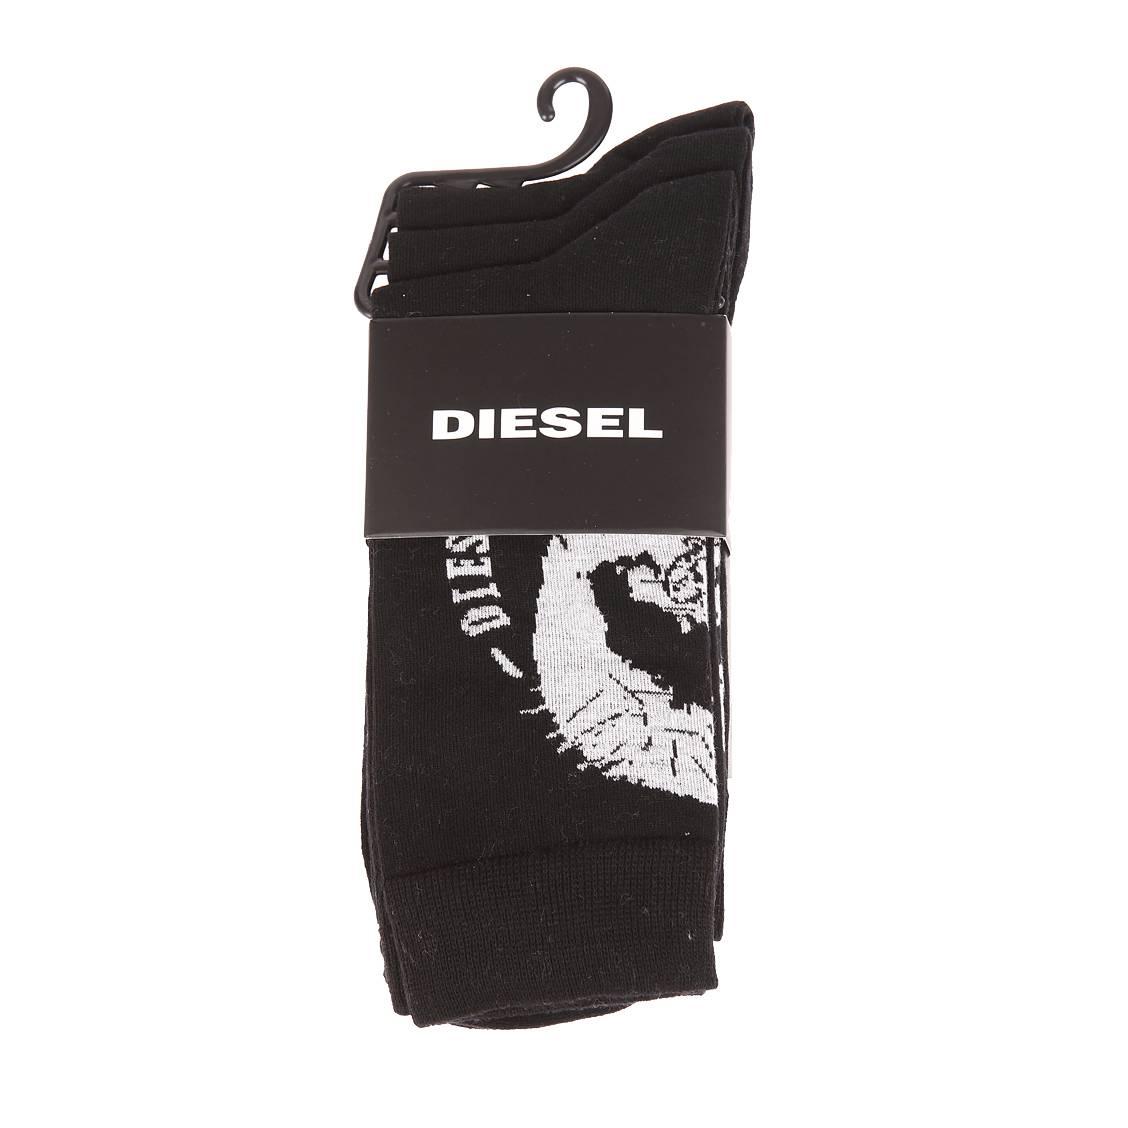 Lot de 3 chaussettes diesel en coton et polyamide stretch noir à motifs